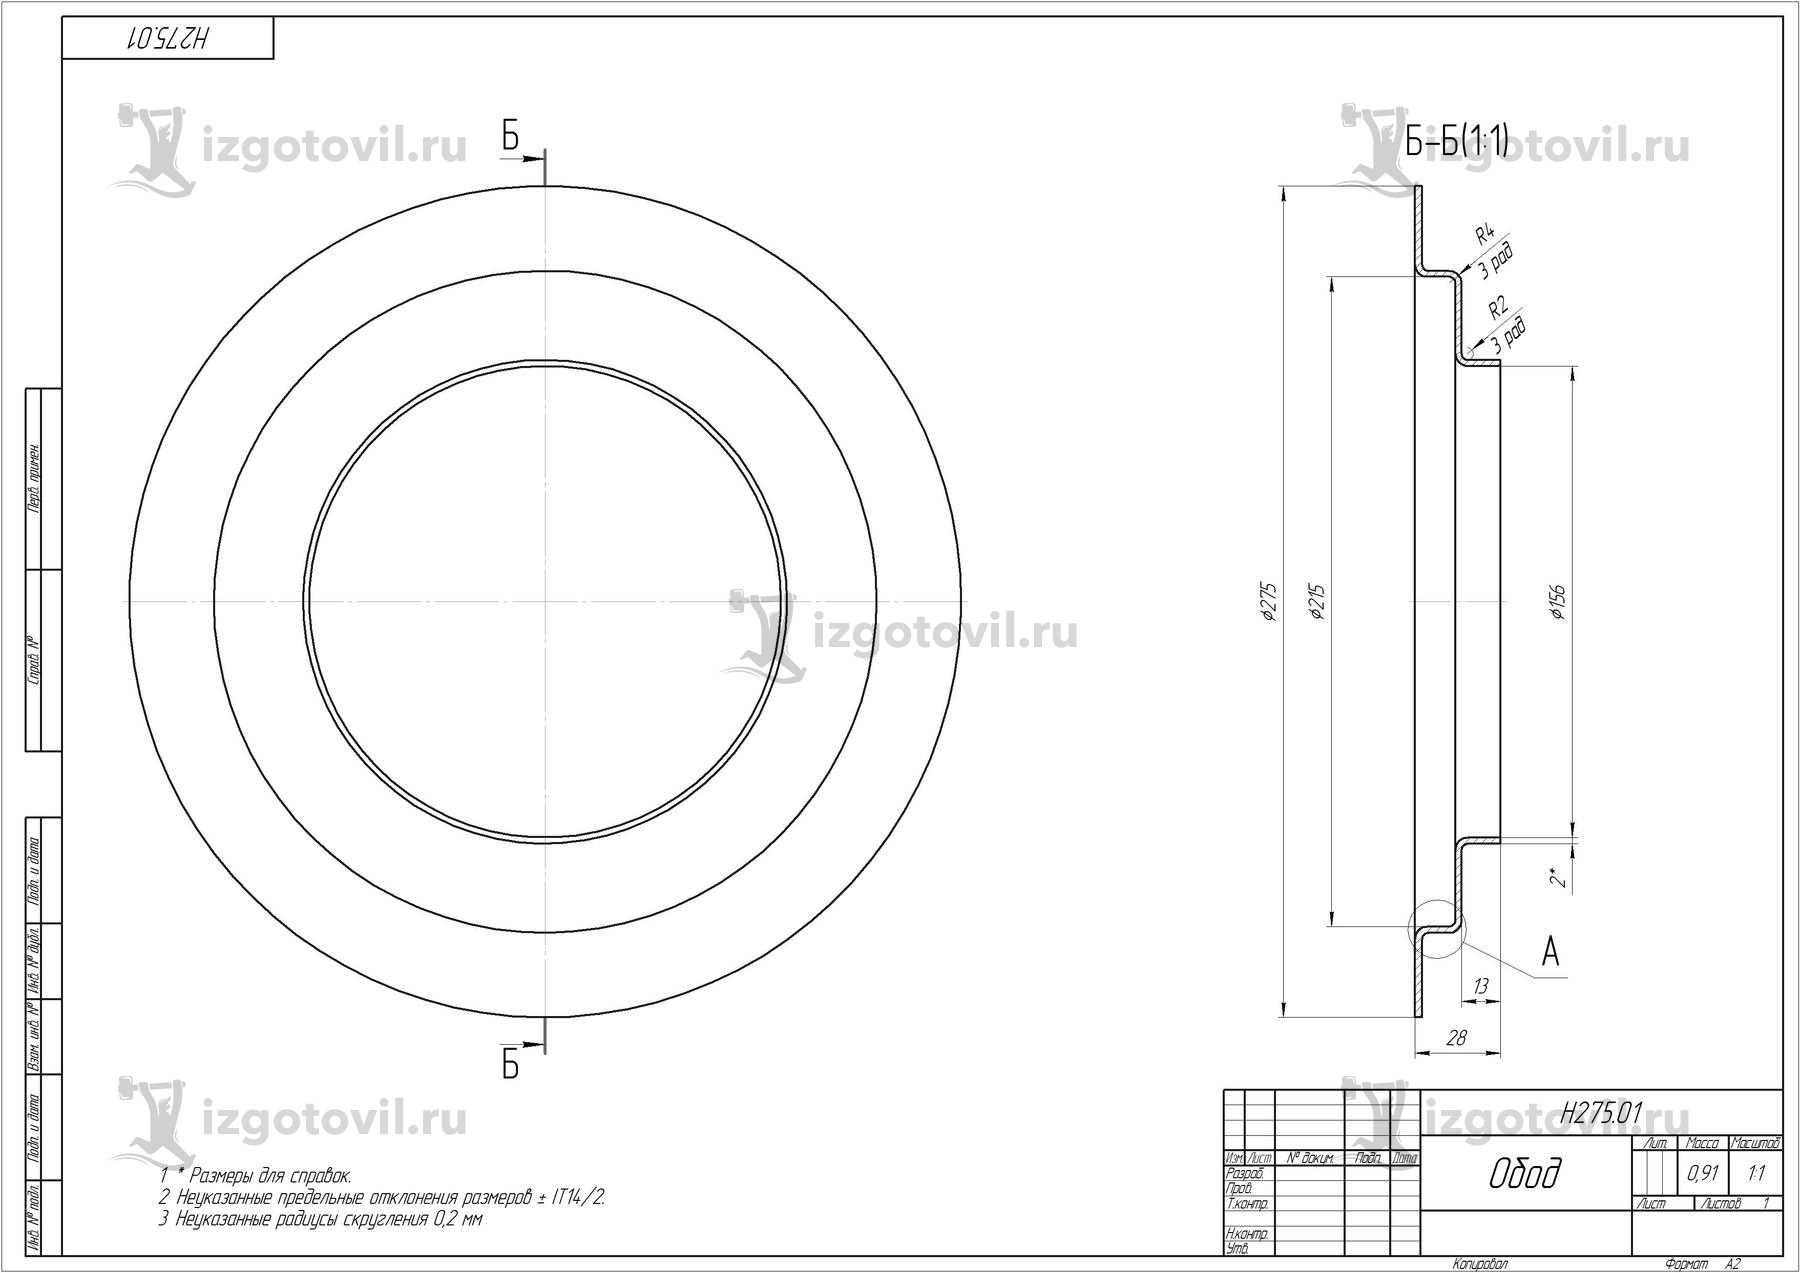 Пресс формы штампы (для деталей)